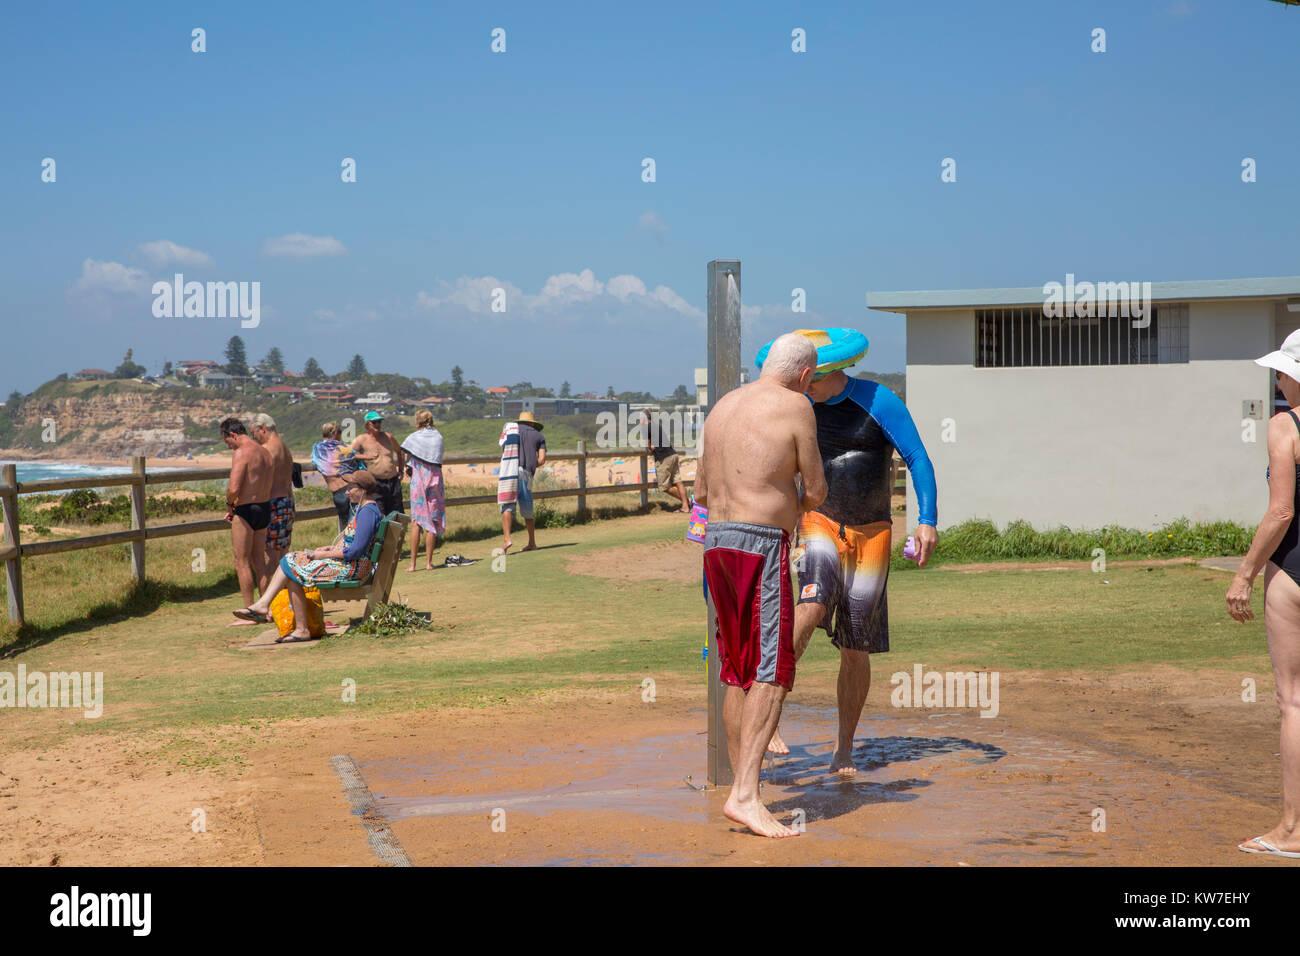 Les hommes à l'aide de la plage douche après une baignade à Mona Vale beach sur les plages du Photo Stock